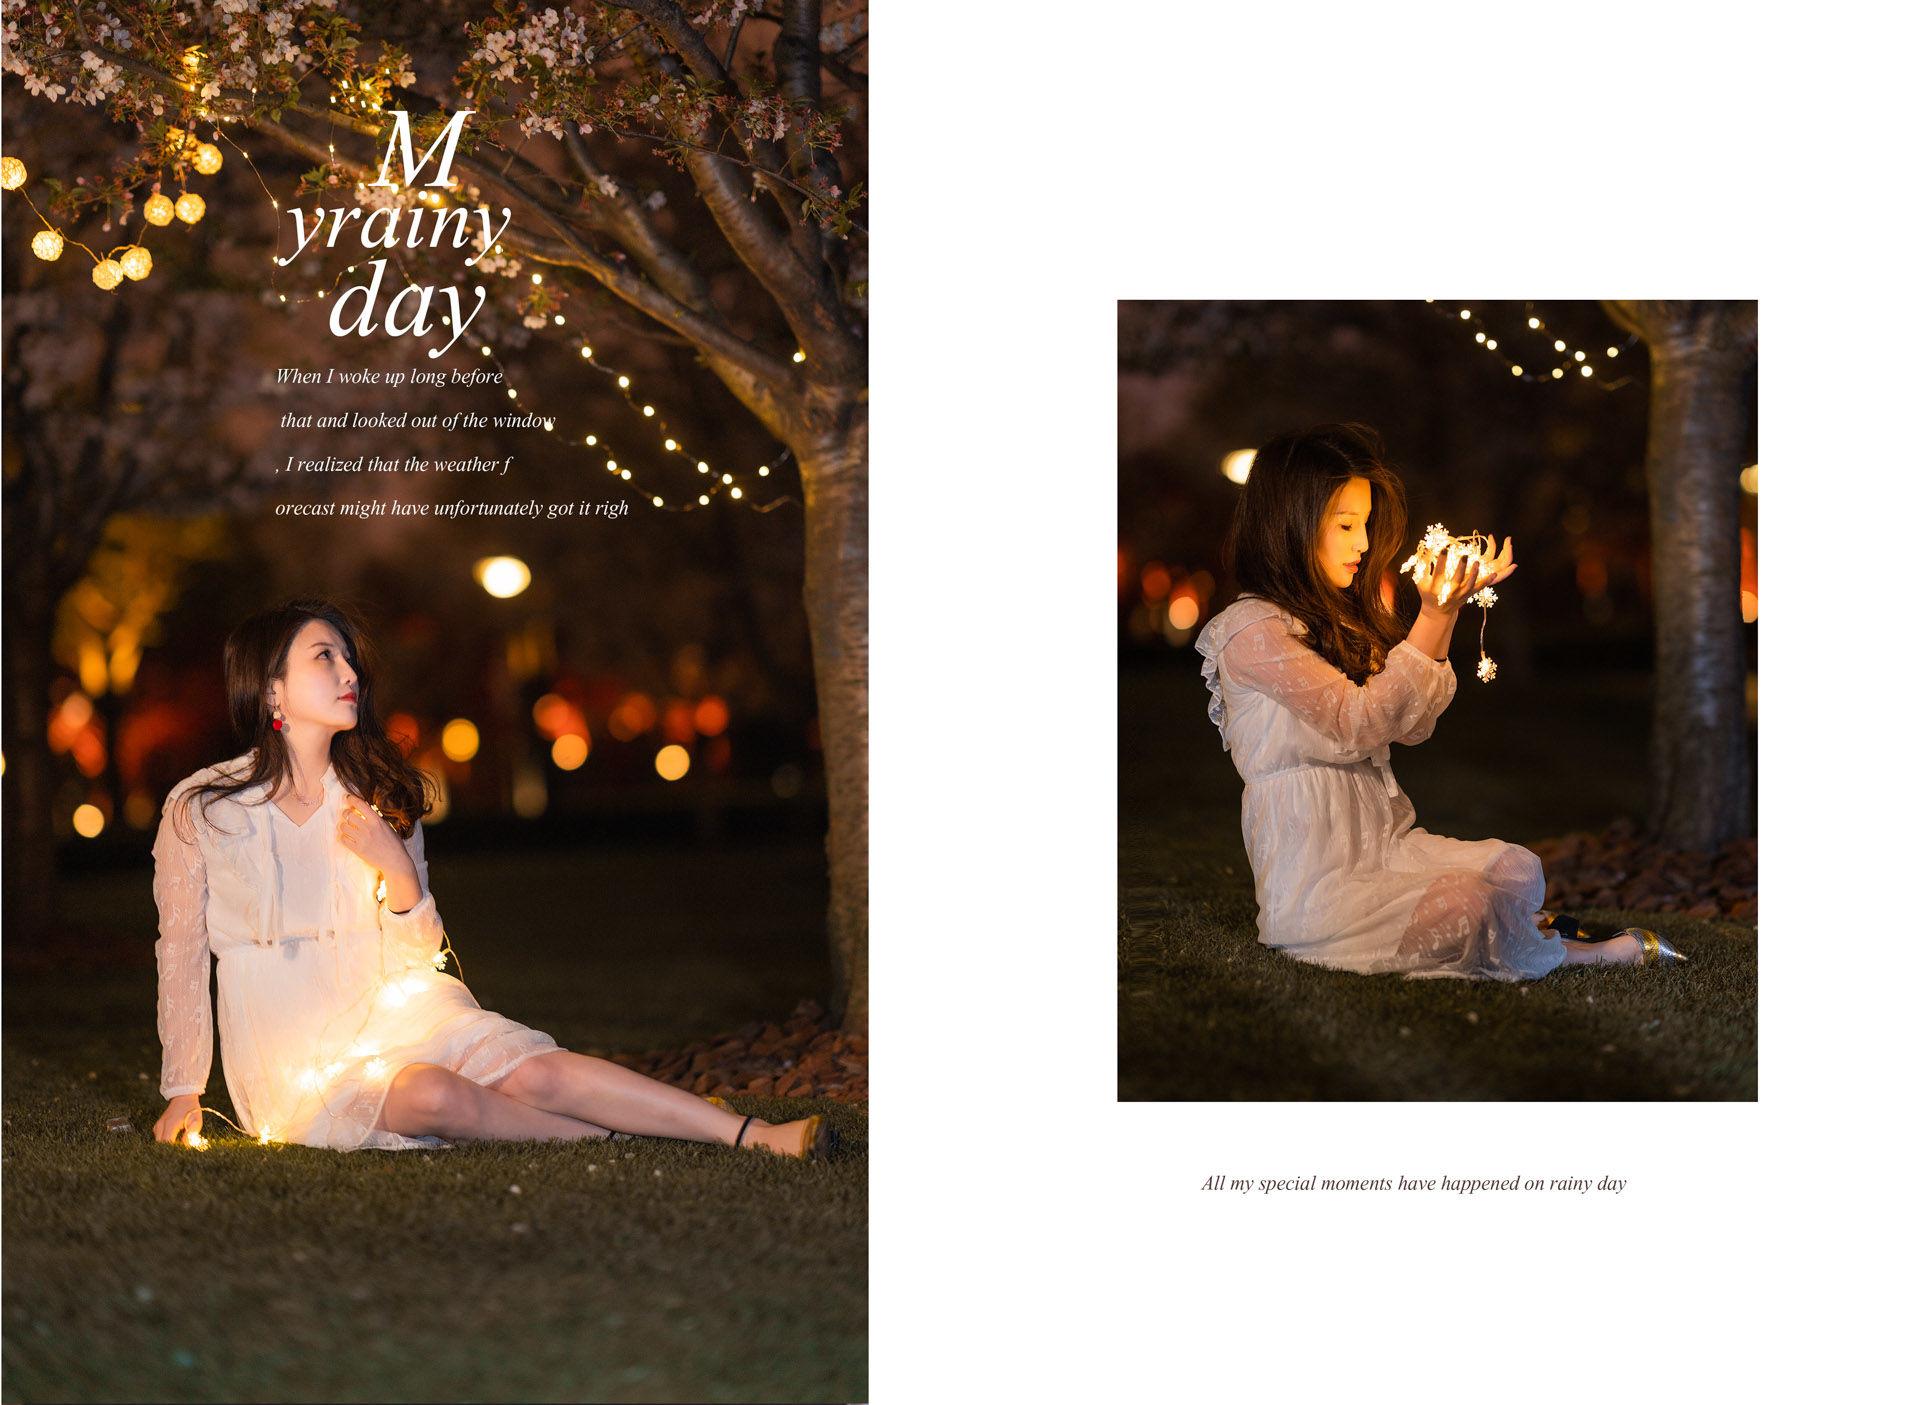 2019-04-03 森系甜美復古連衣裙 靜安雕塑公園 夜景櫻花_攝影師蔣俞歡的返片